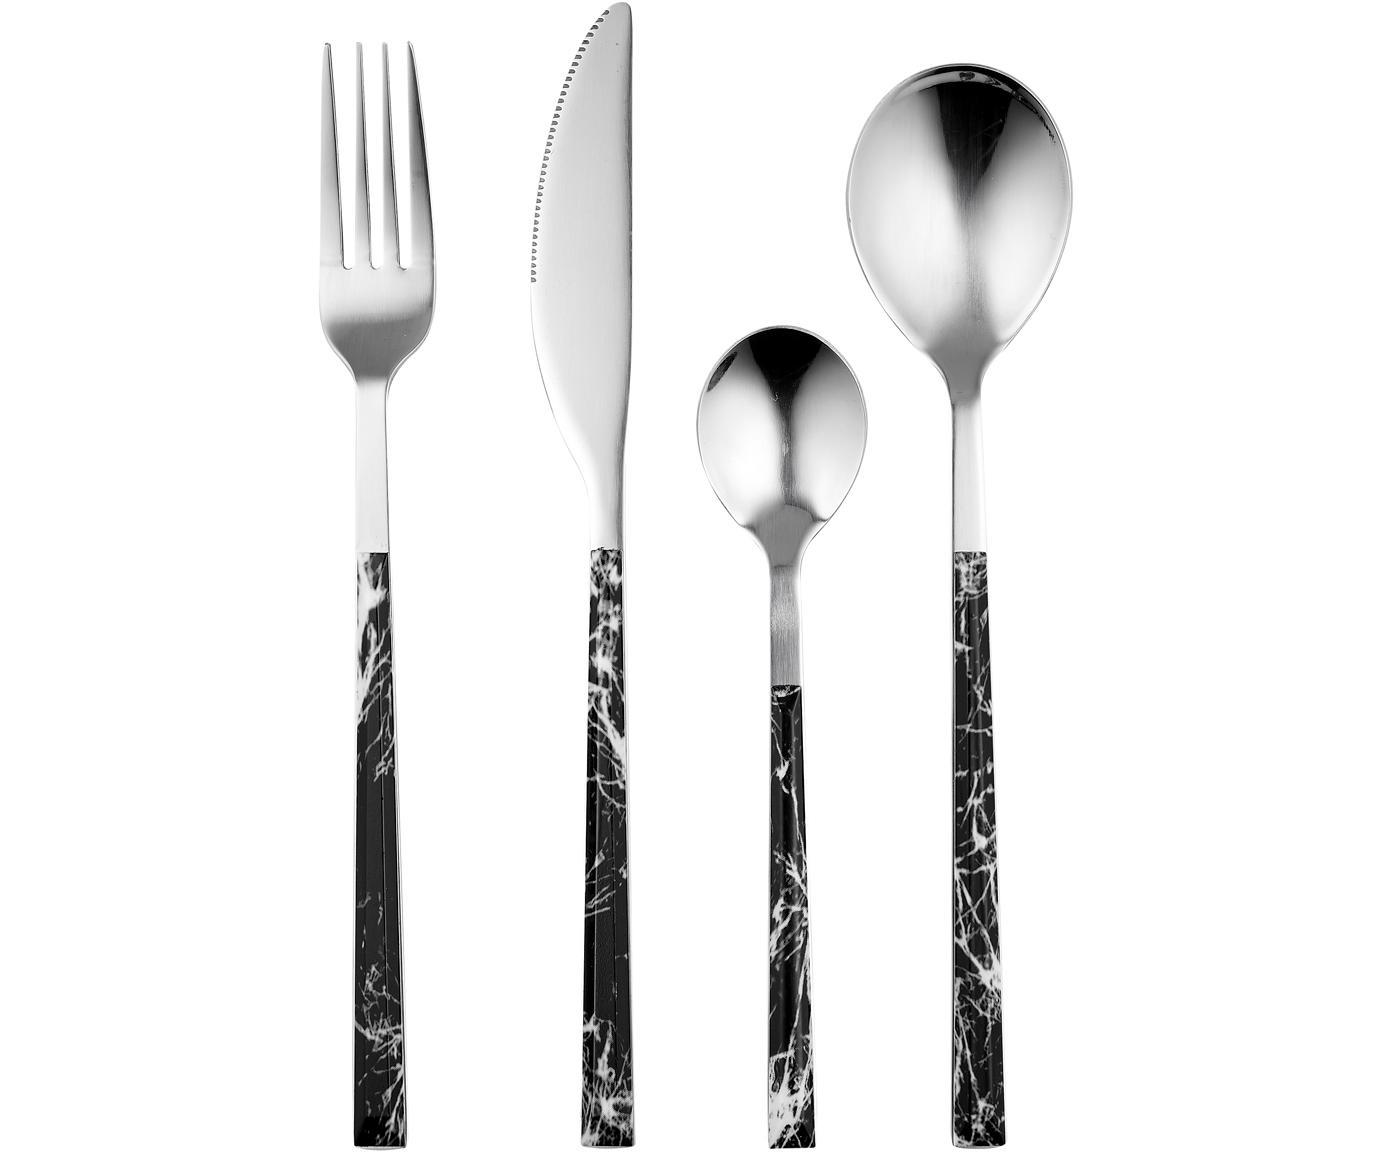 Komplet sztućców z imitacji marmuru Olso, 16 elem., Czarny, marmurowy, stal szlachetna, D 23 cm